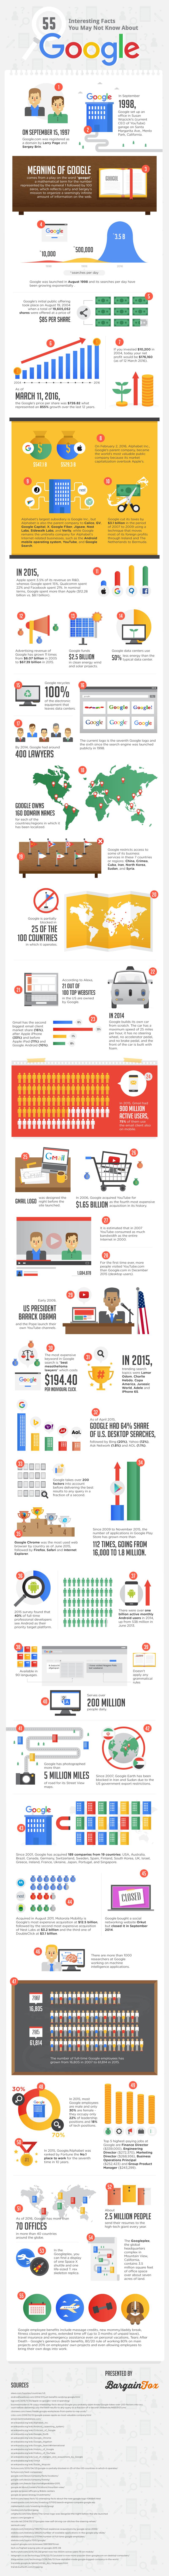 infographie-55-choses-sur-google Infographie : 55 choses que vous ne connaissez peut-être pas sur Google